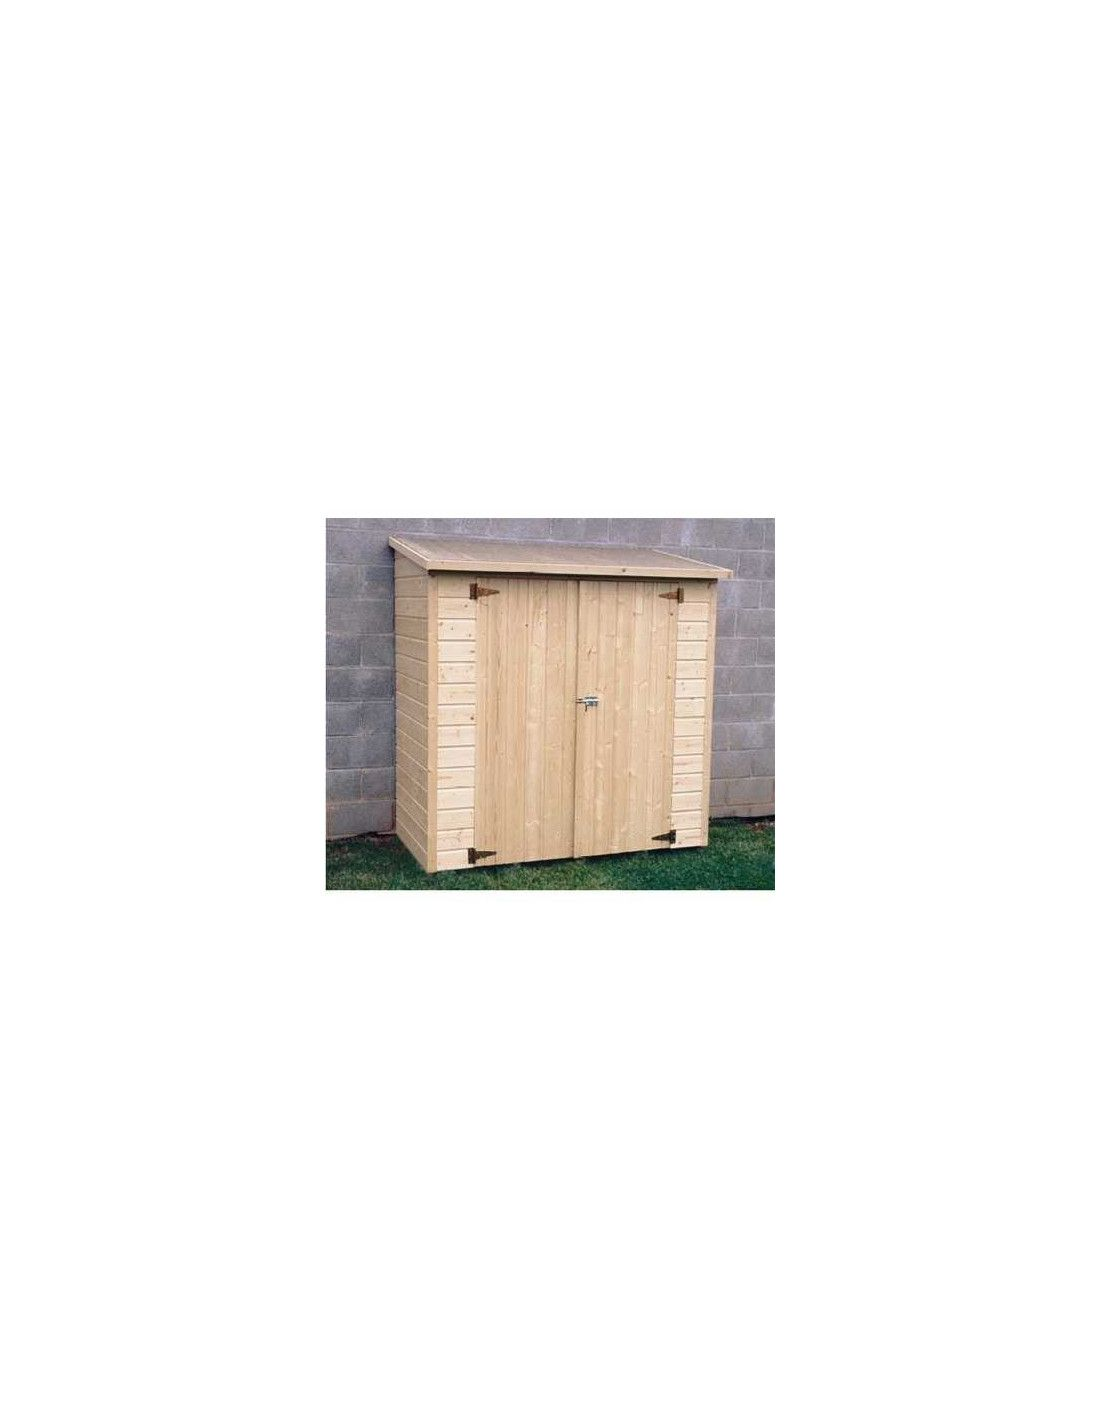 Armario de madera para exterior albecour - Armario madera exterior ...